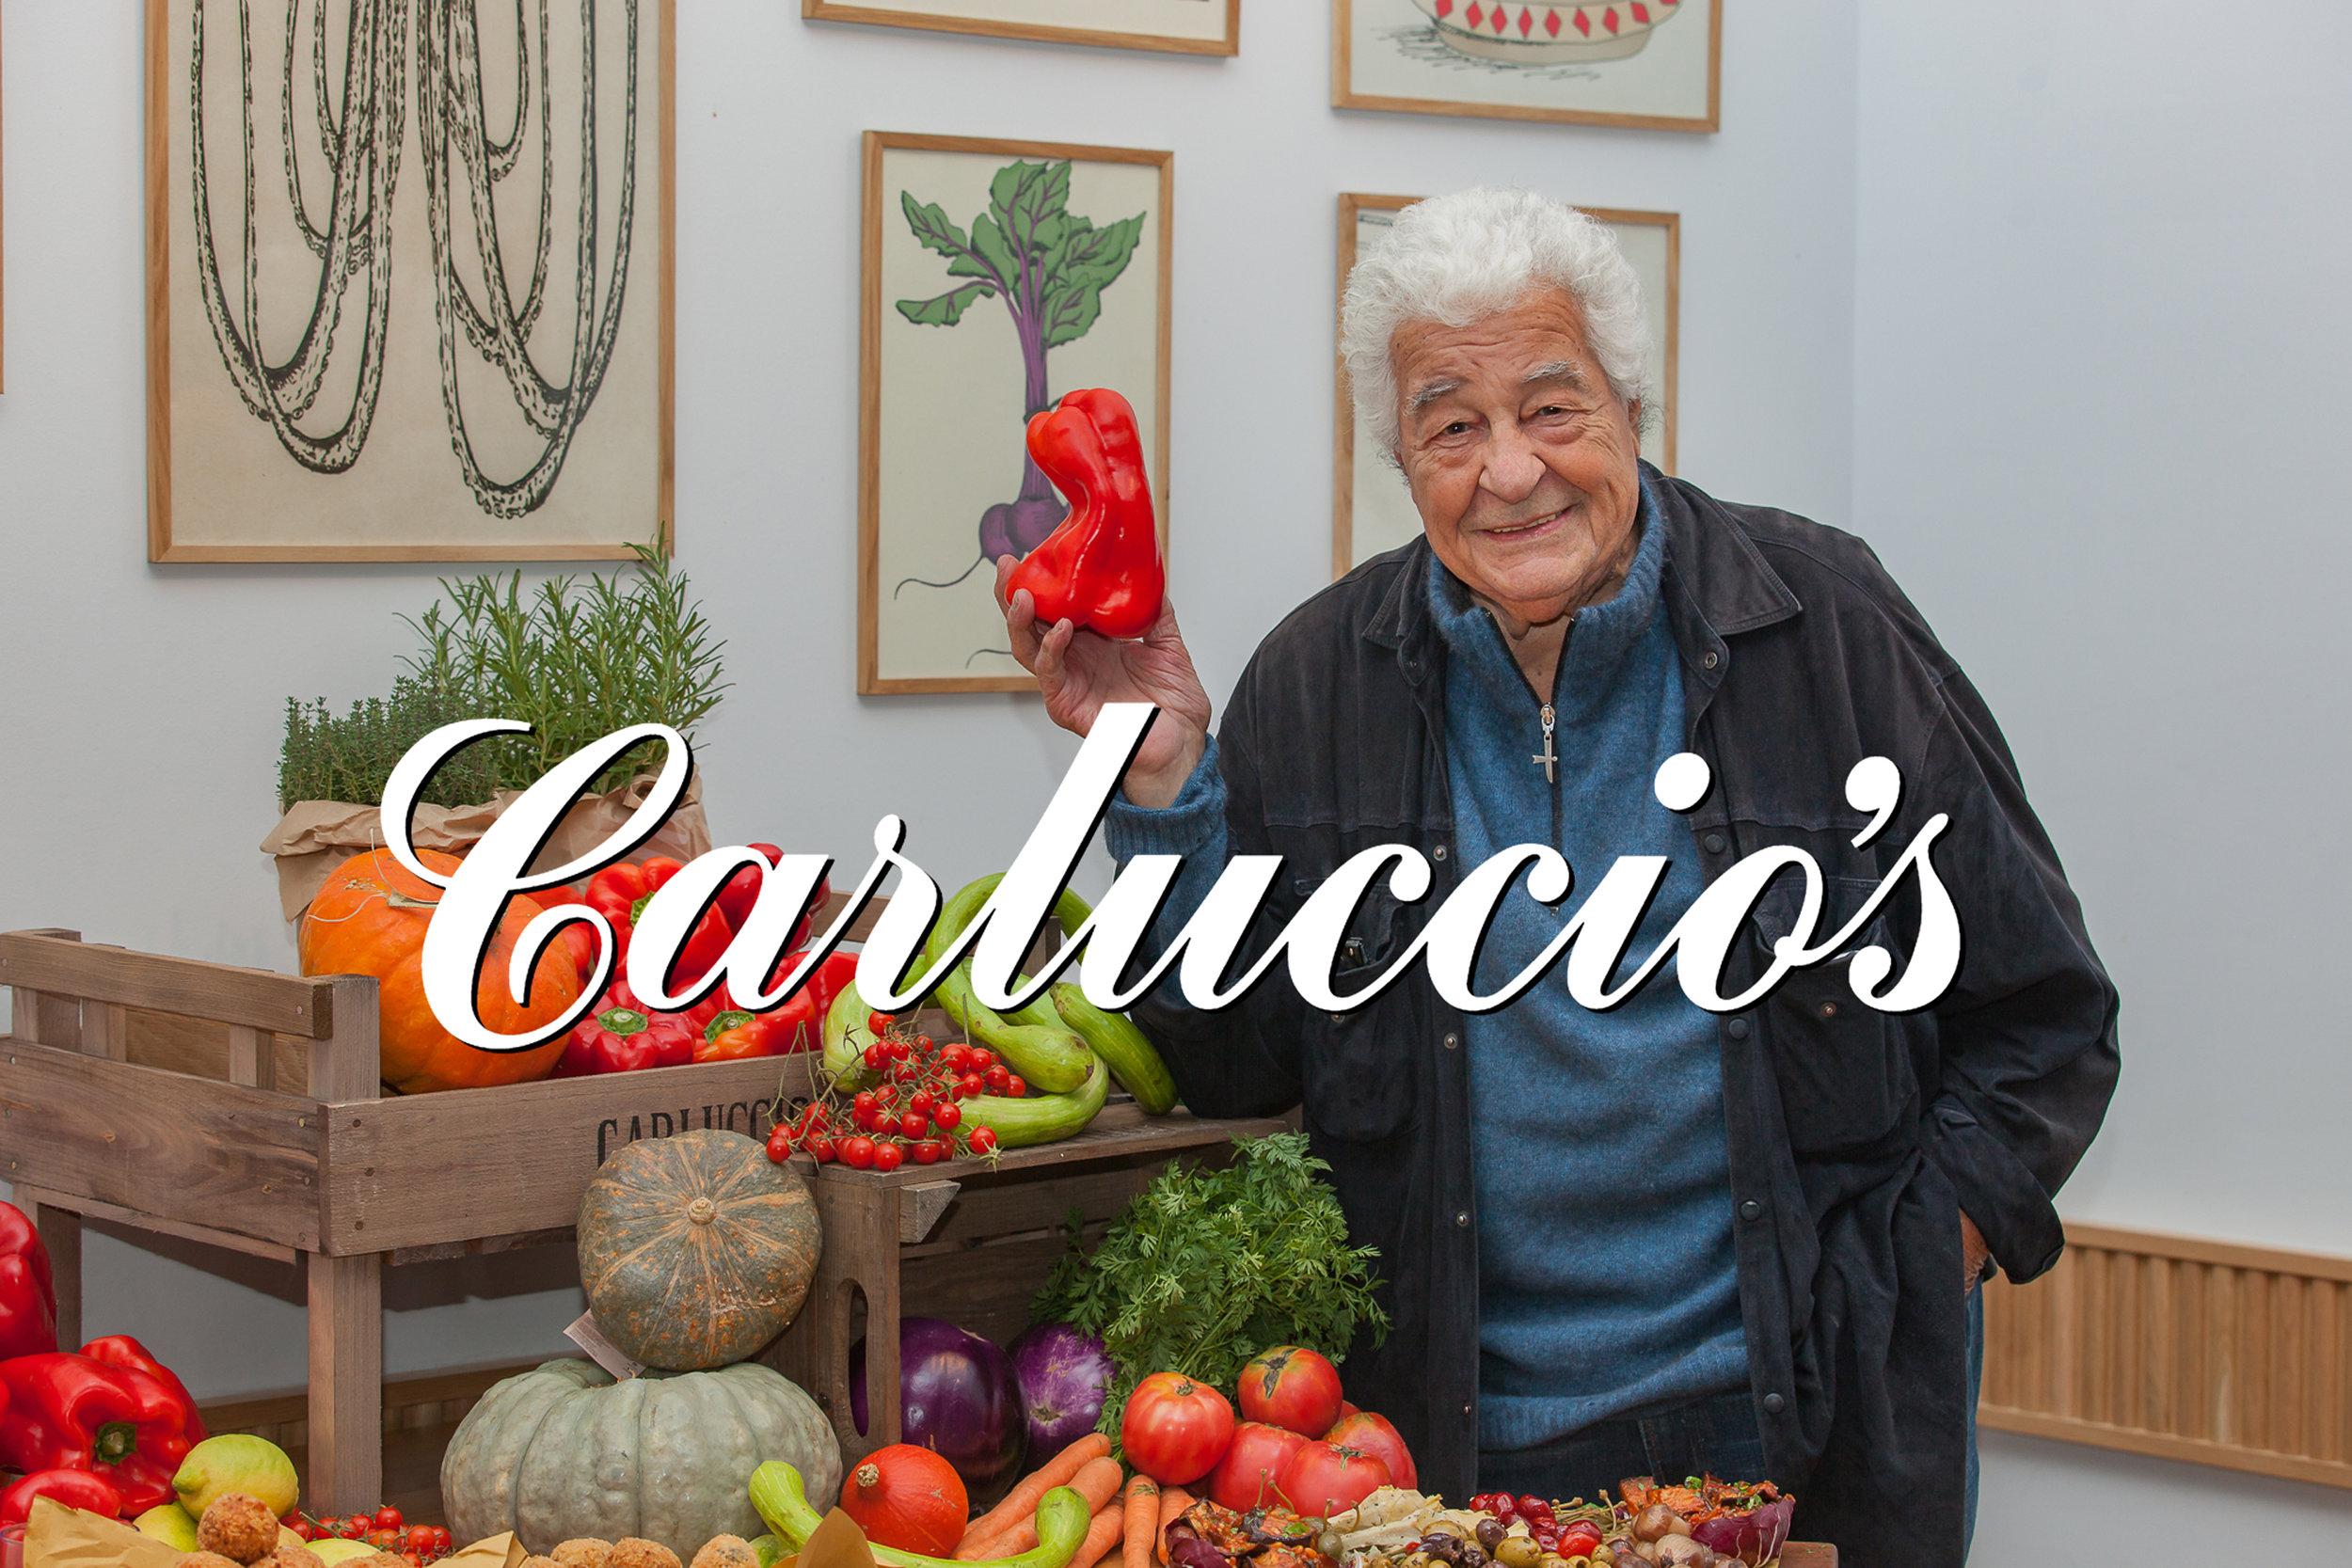 CarlucciosVegan2000x3000-15.jpg